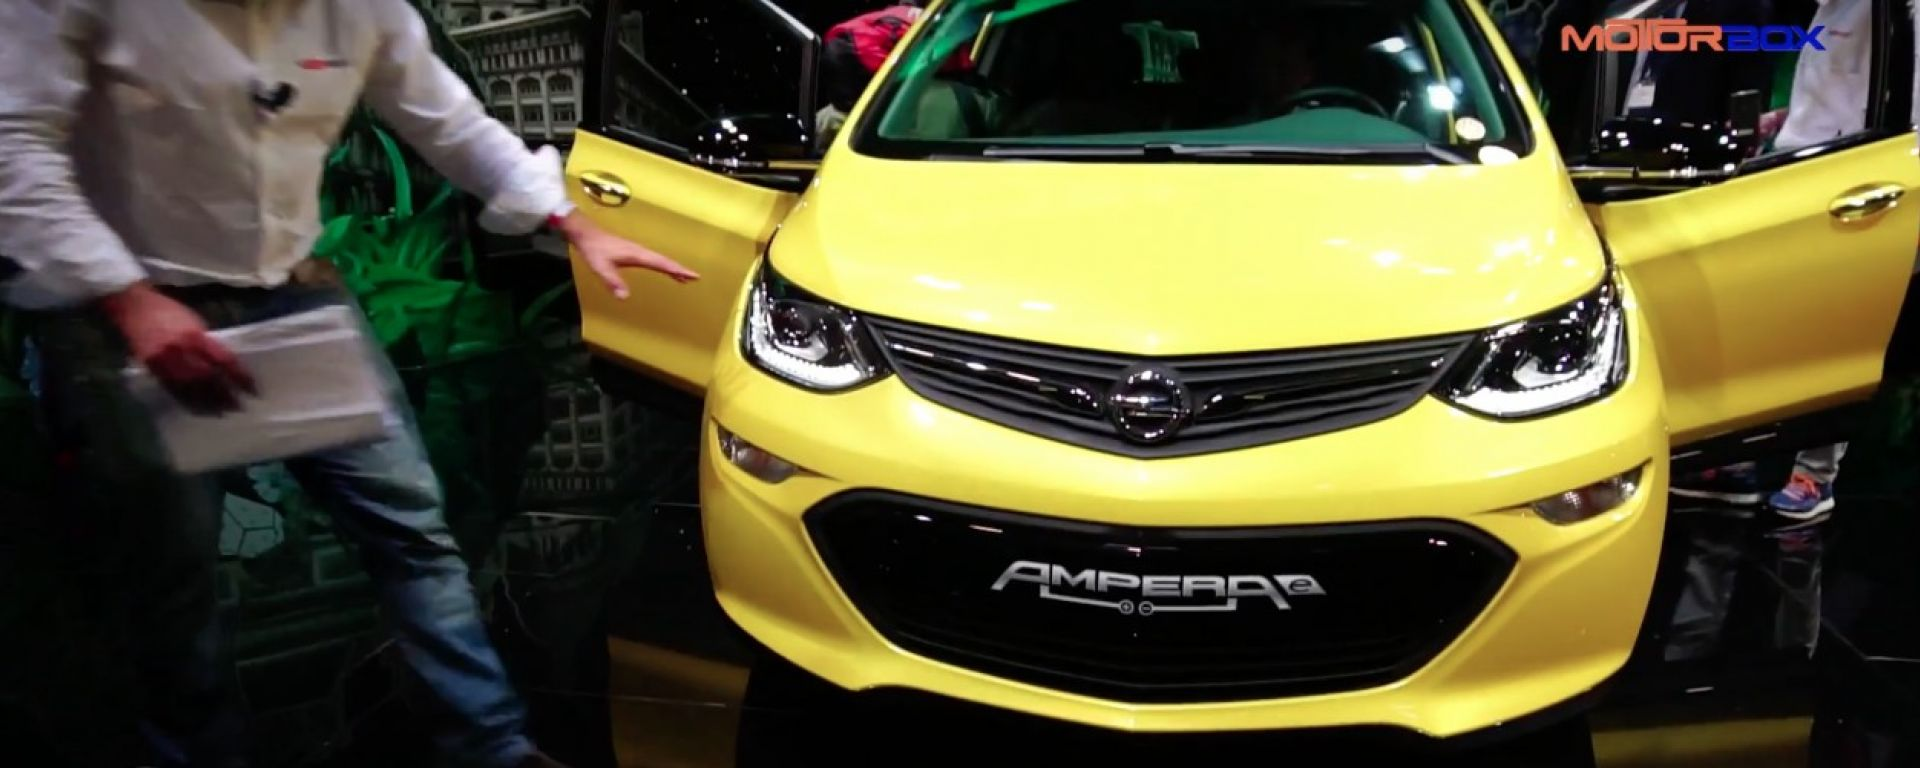 Opel Ampera-e, Salone di Parigi 2016